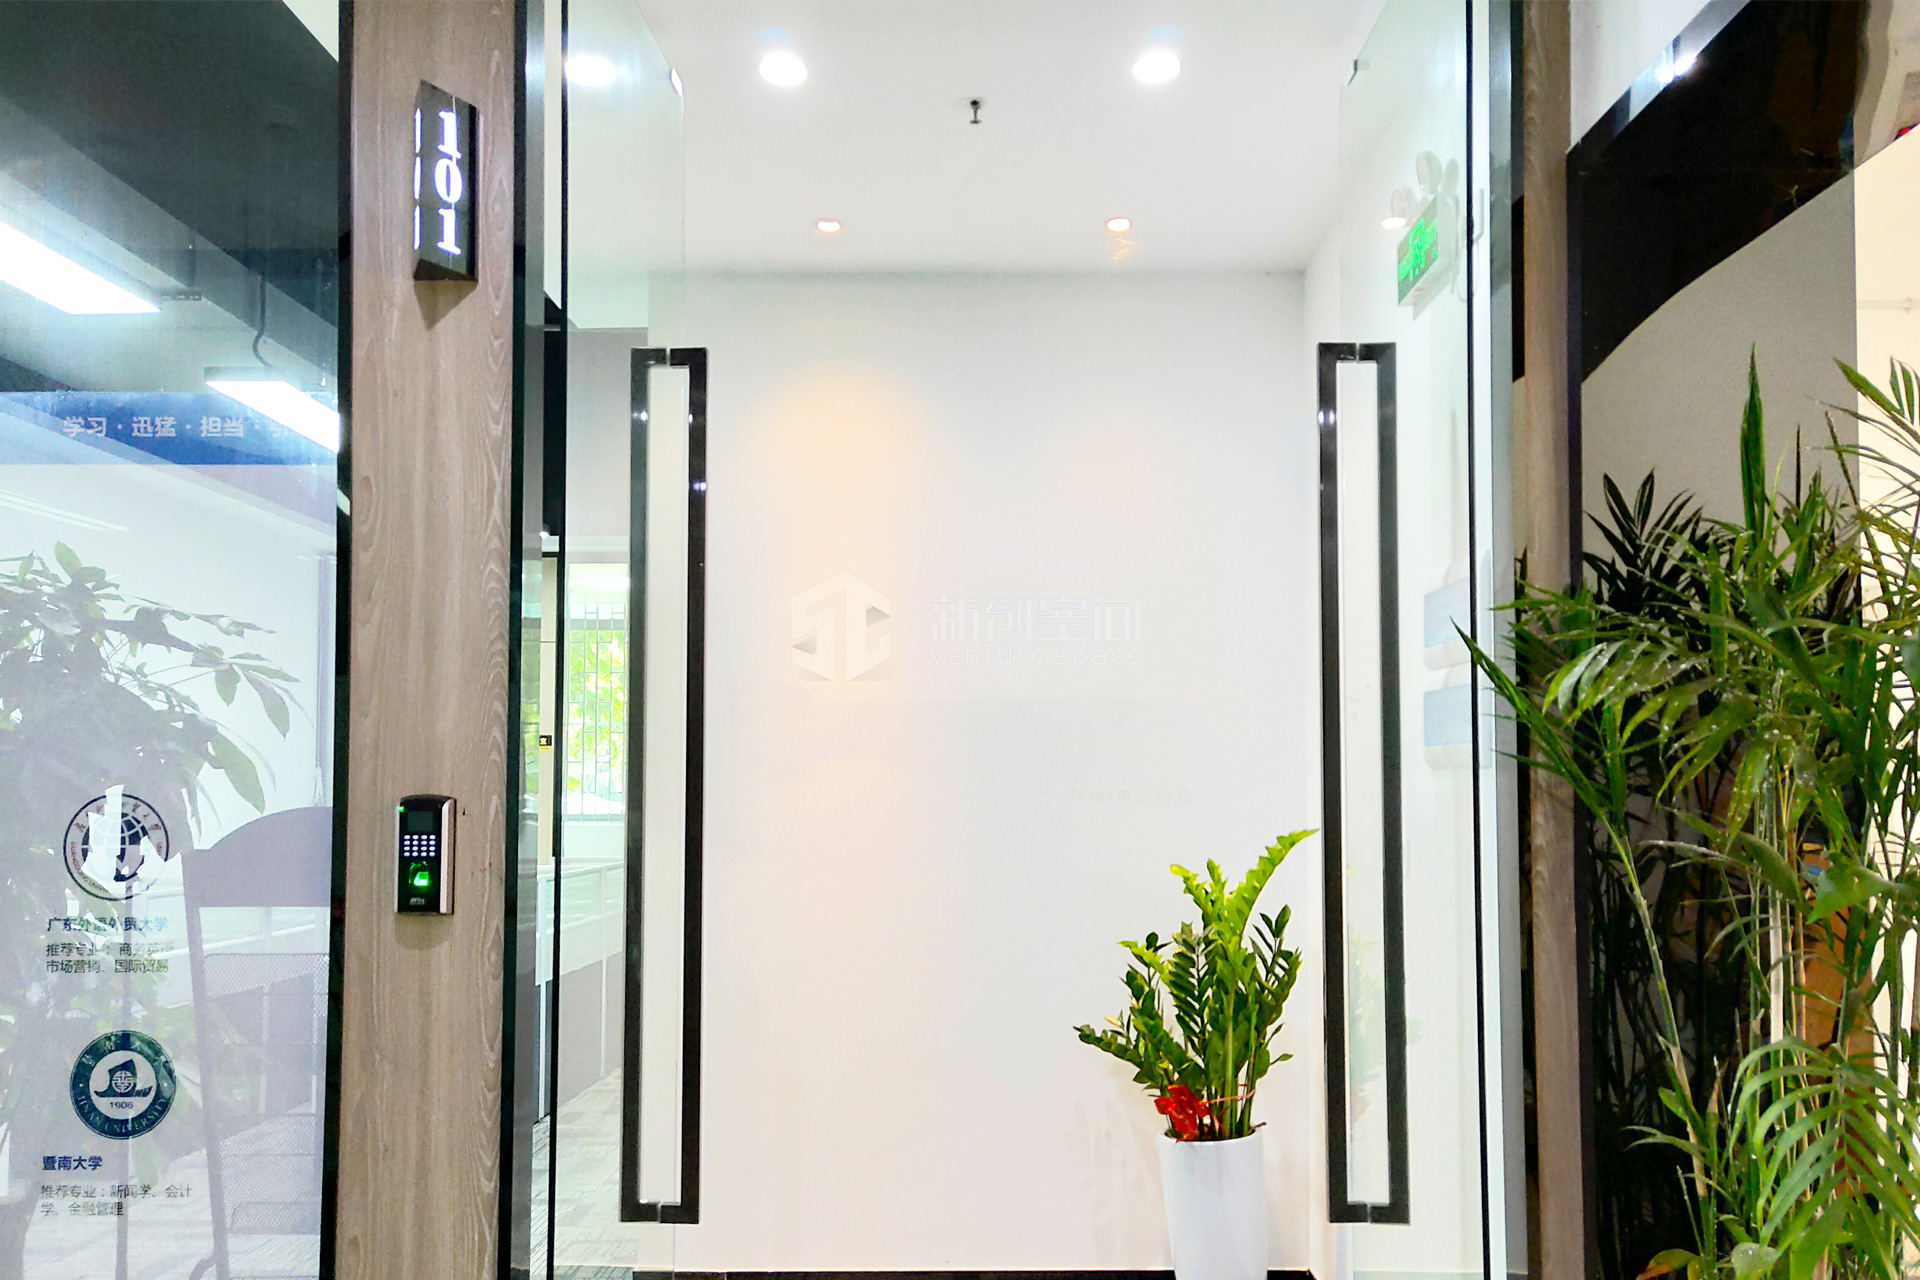 深圳虚拟大学园200㎡精装办公室出租13000元/月